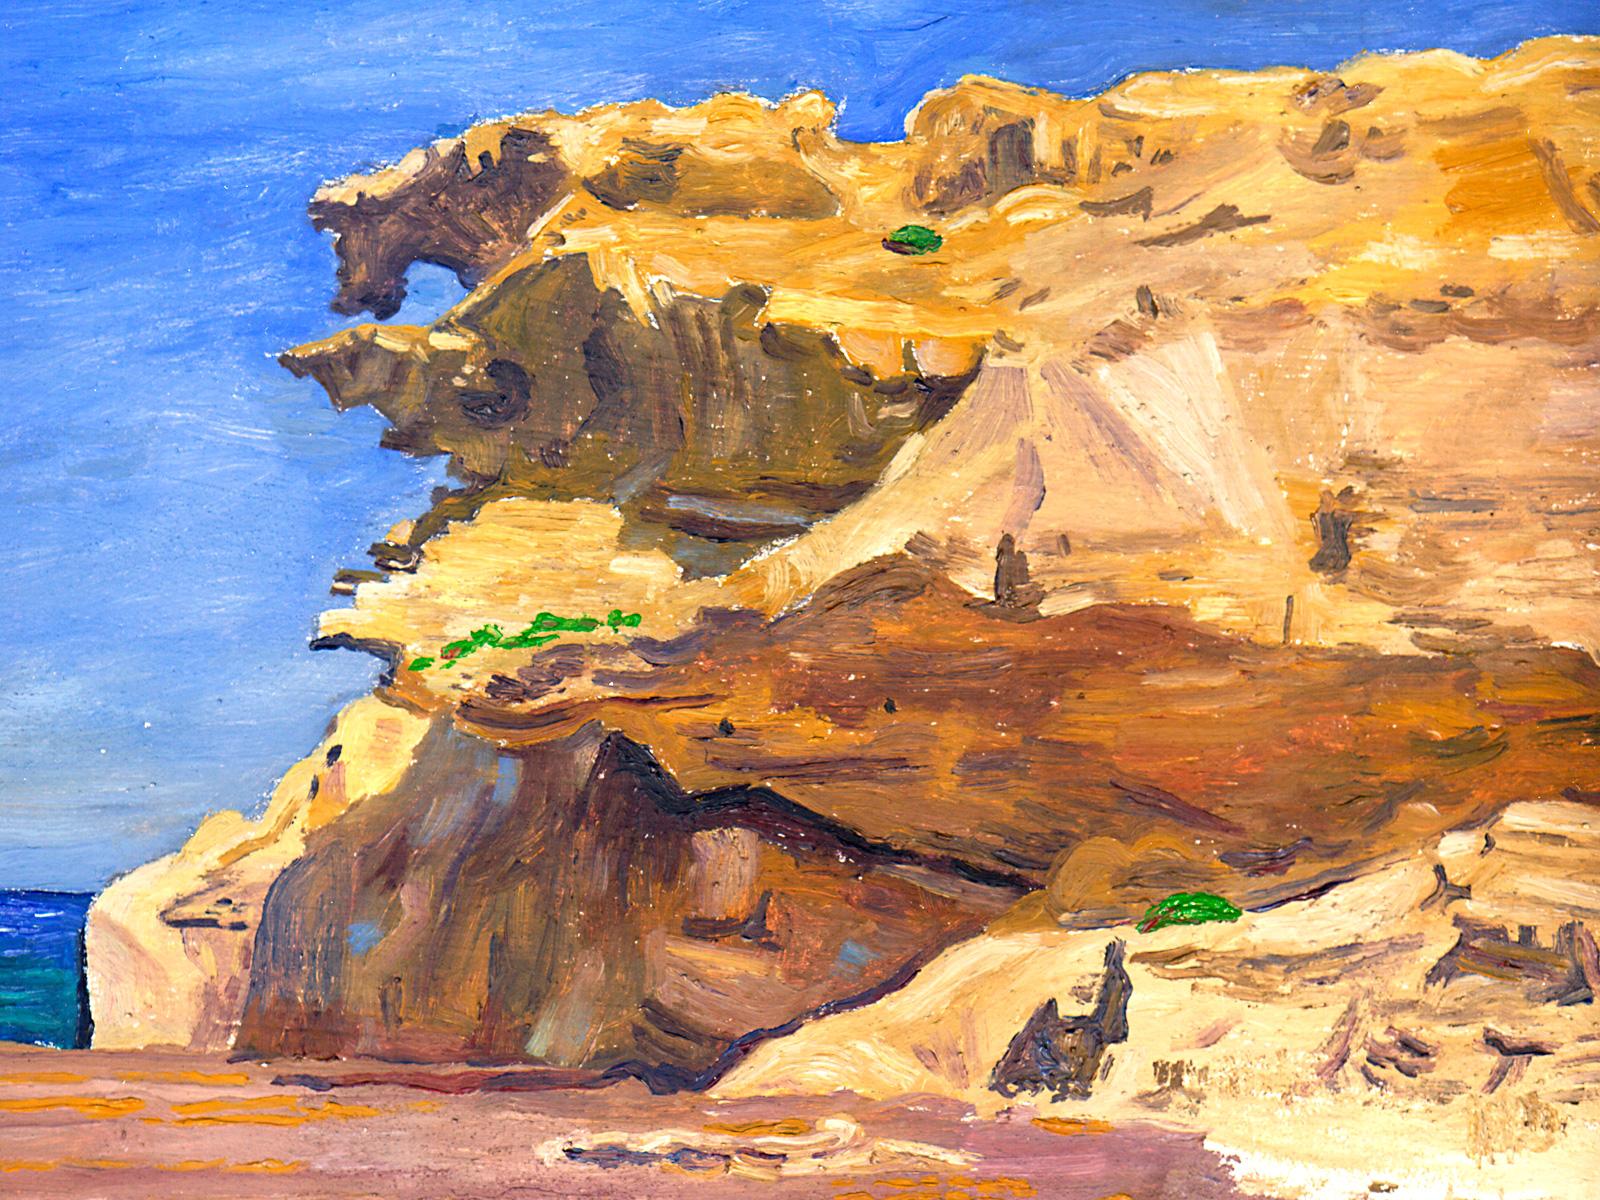 Galería de arte online de pinturas, dibujos y madera reciclada